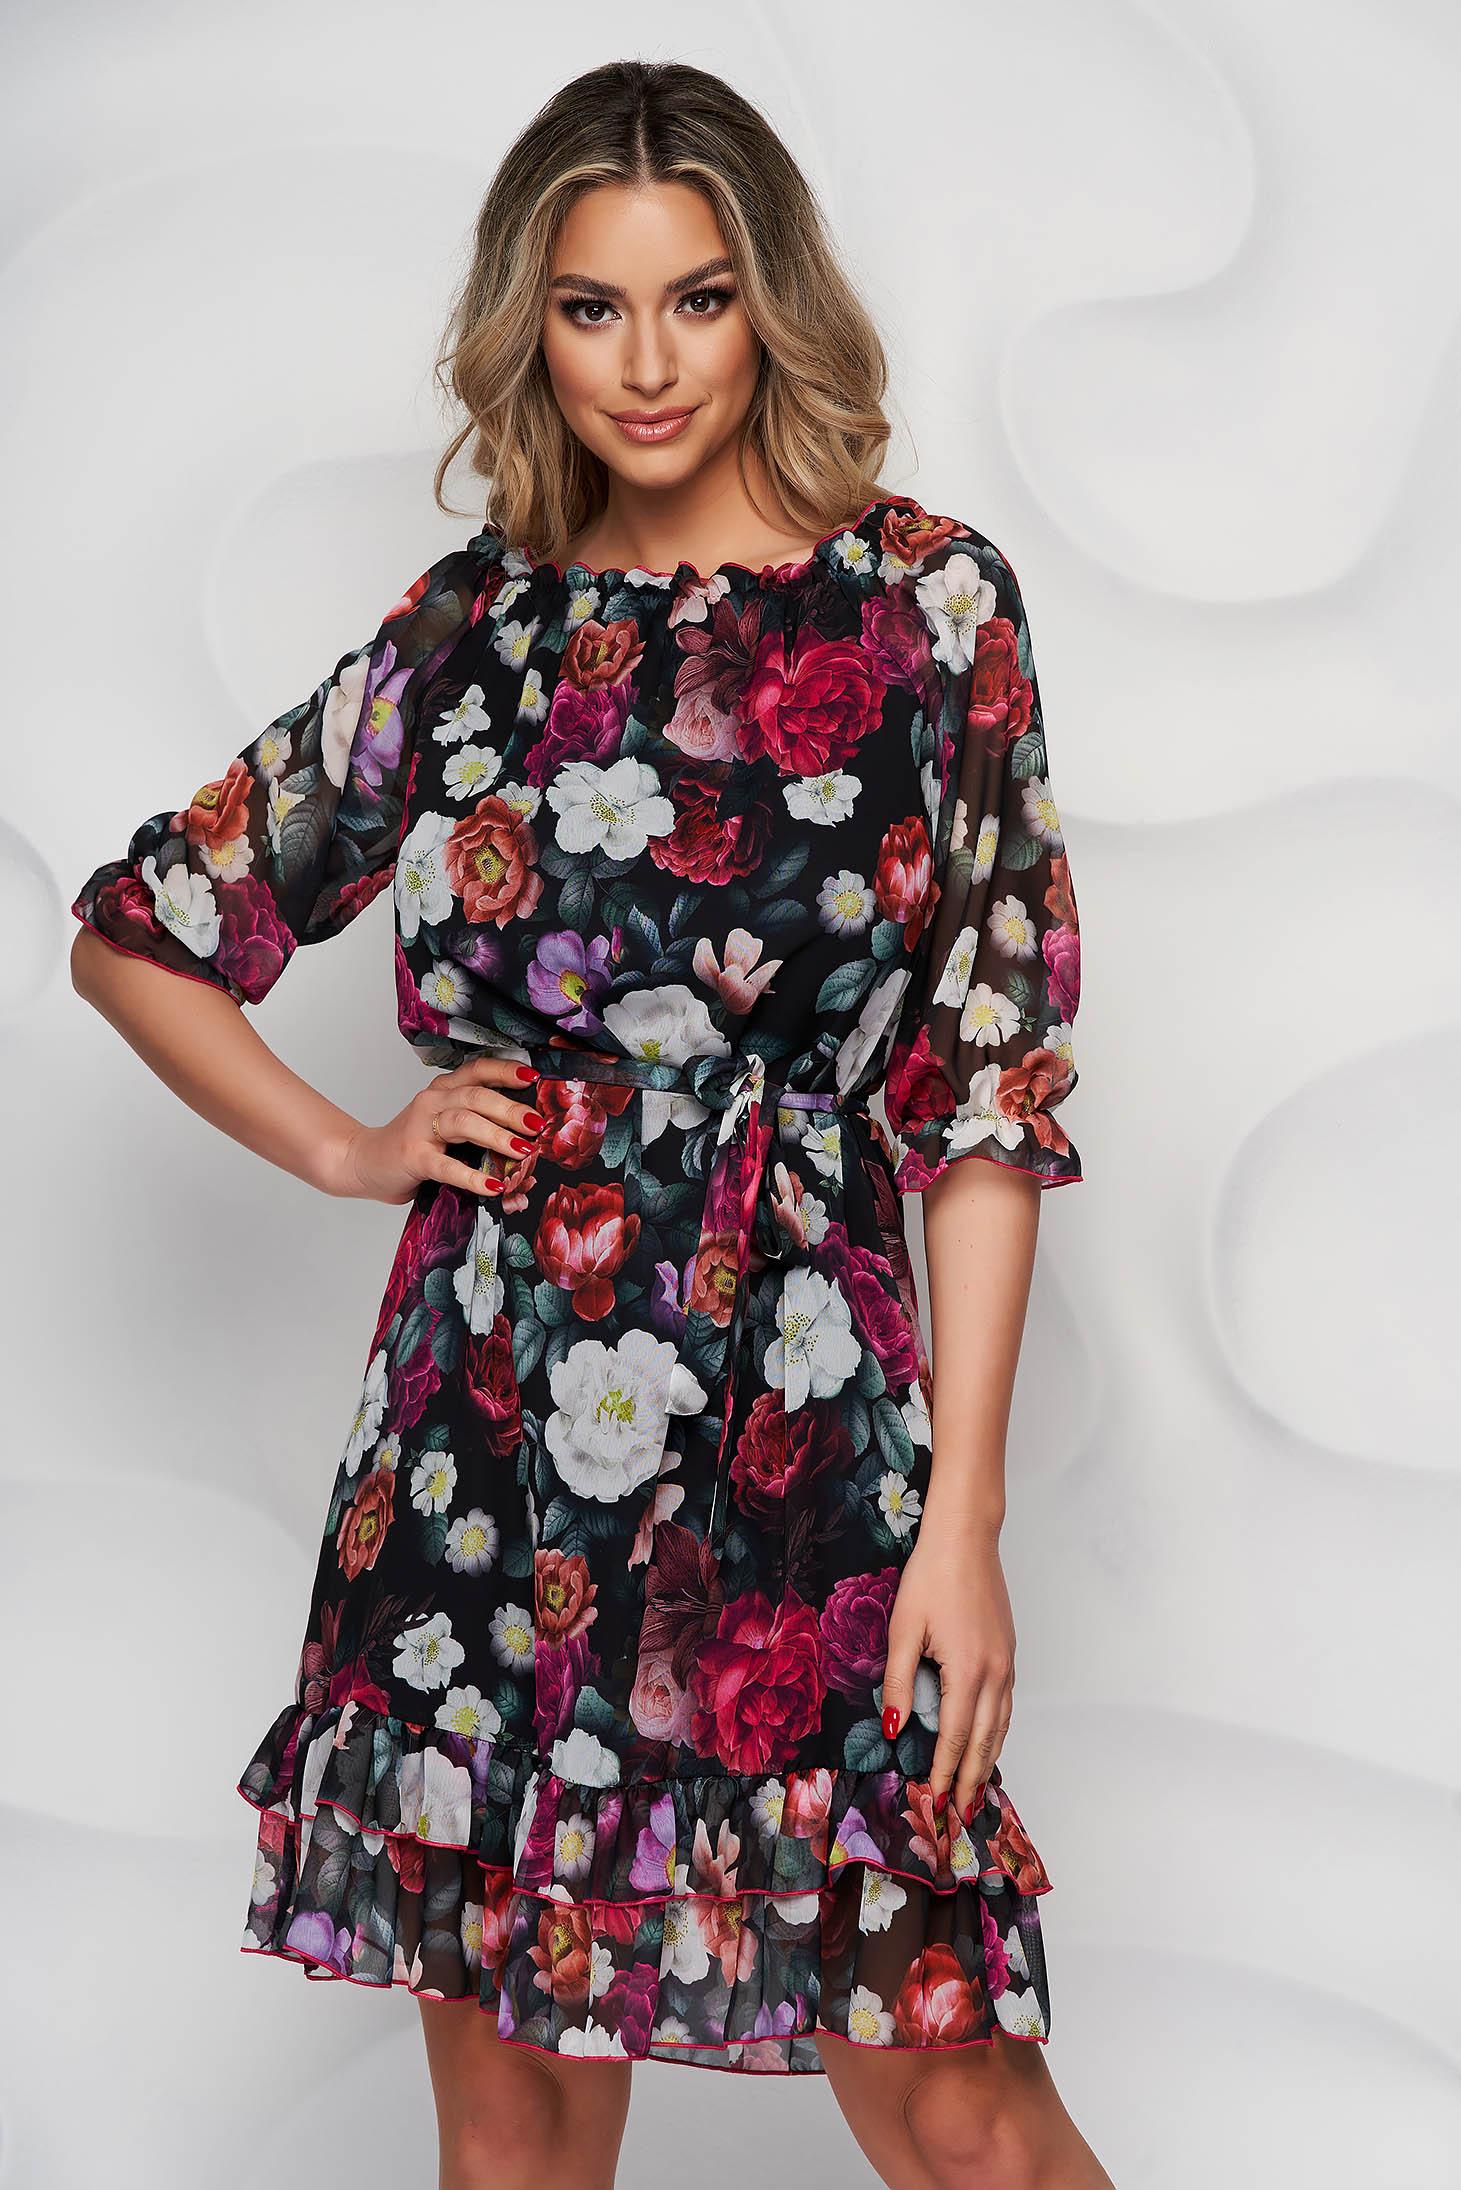 Rochie StarShinerS cu imprimeu floral midi din material subtire cu volanase la baza rochiei si maneci prinse in elastic